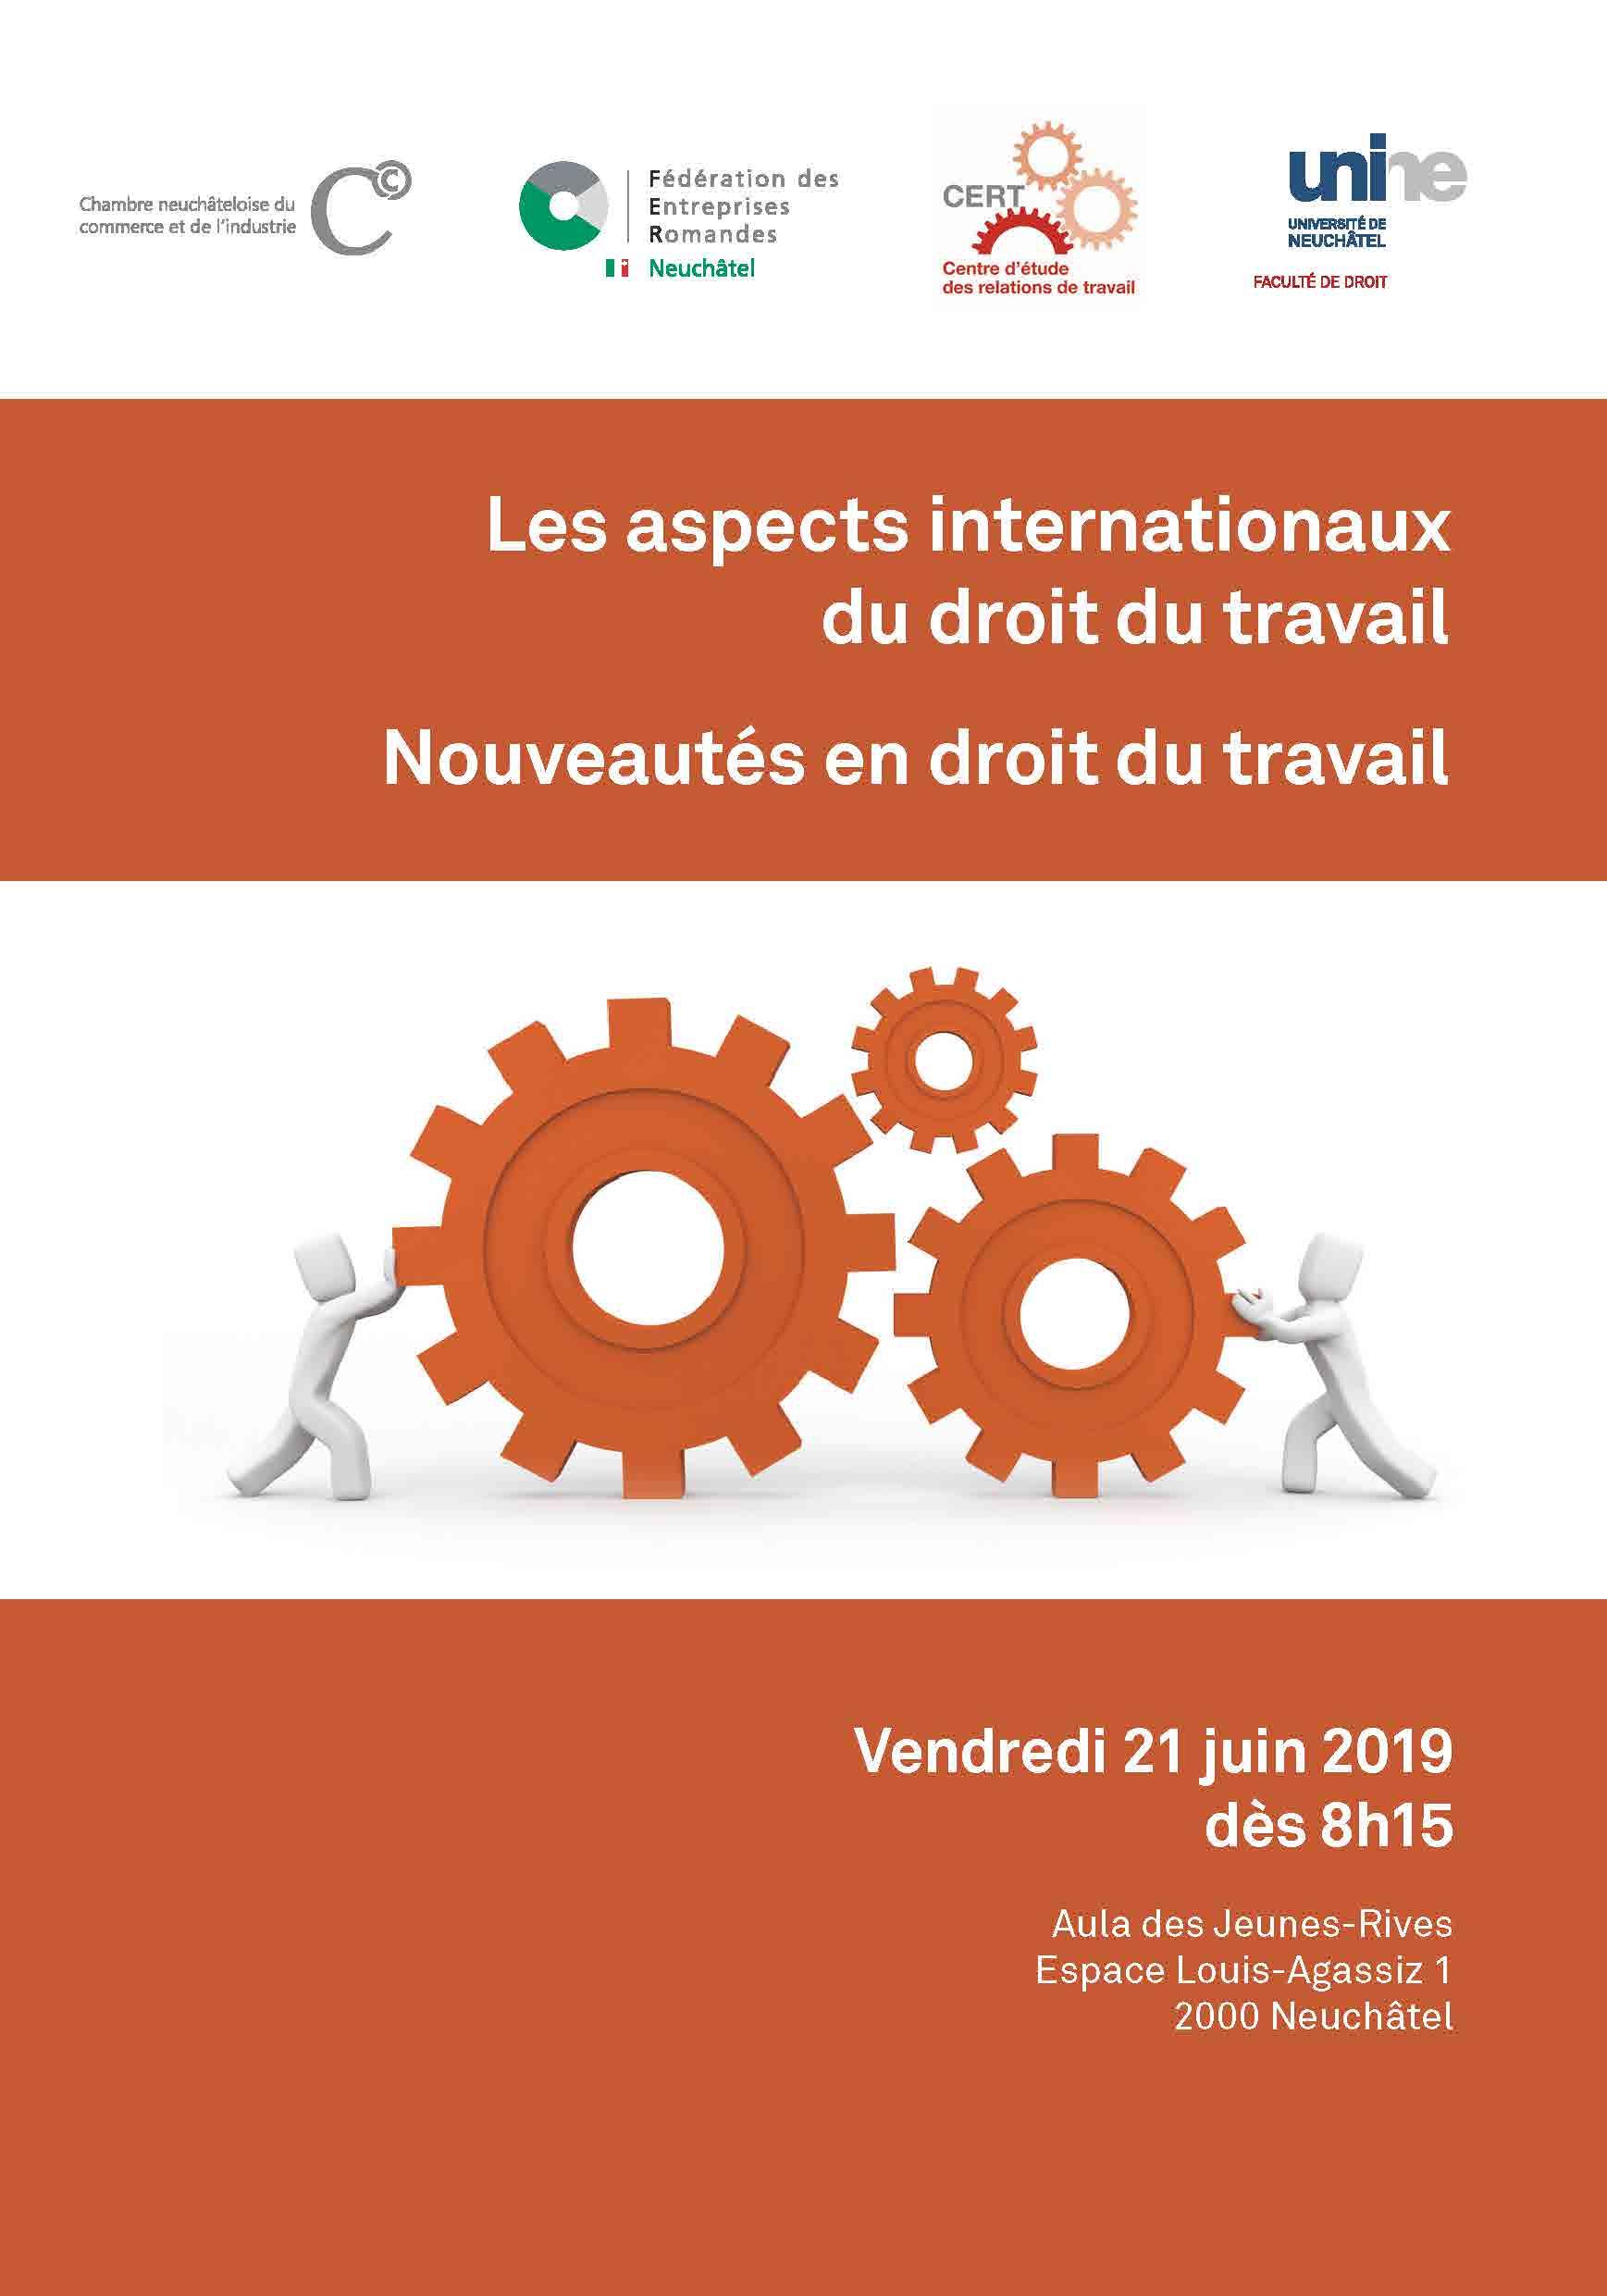 9b7a1c6e9c8 Les aspects internationaux du droit du travail et les nouveautés en droit  du travail